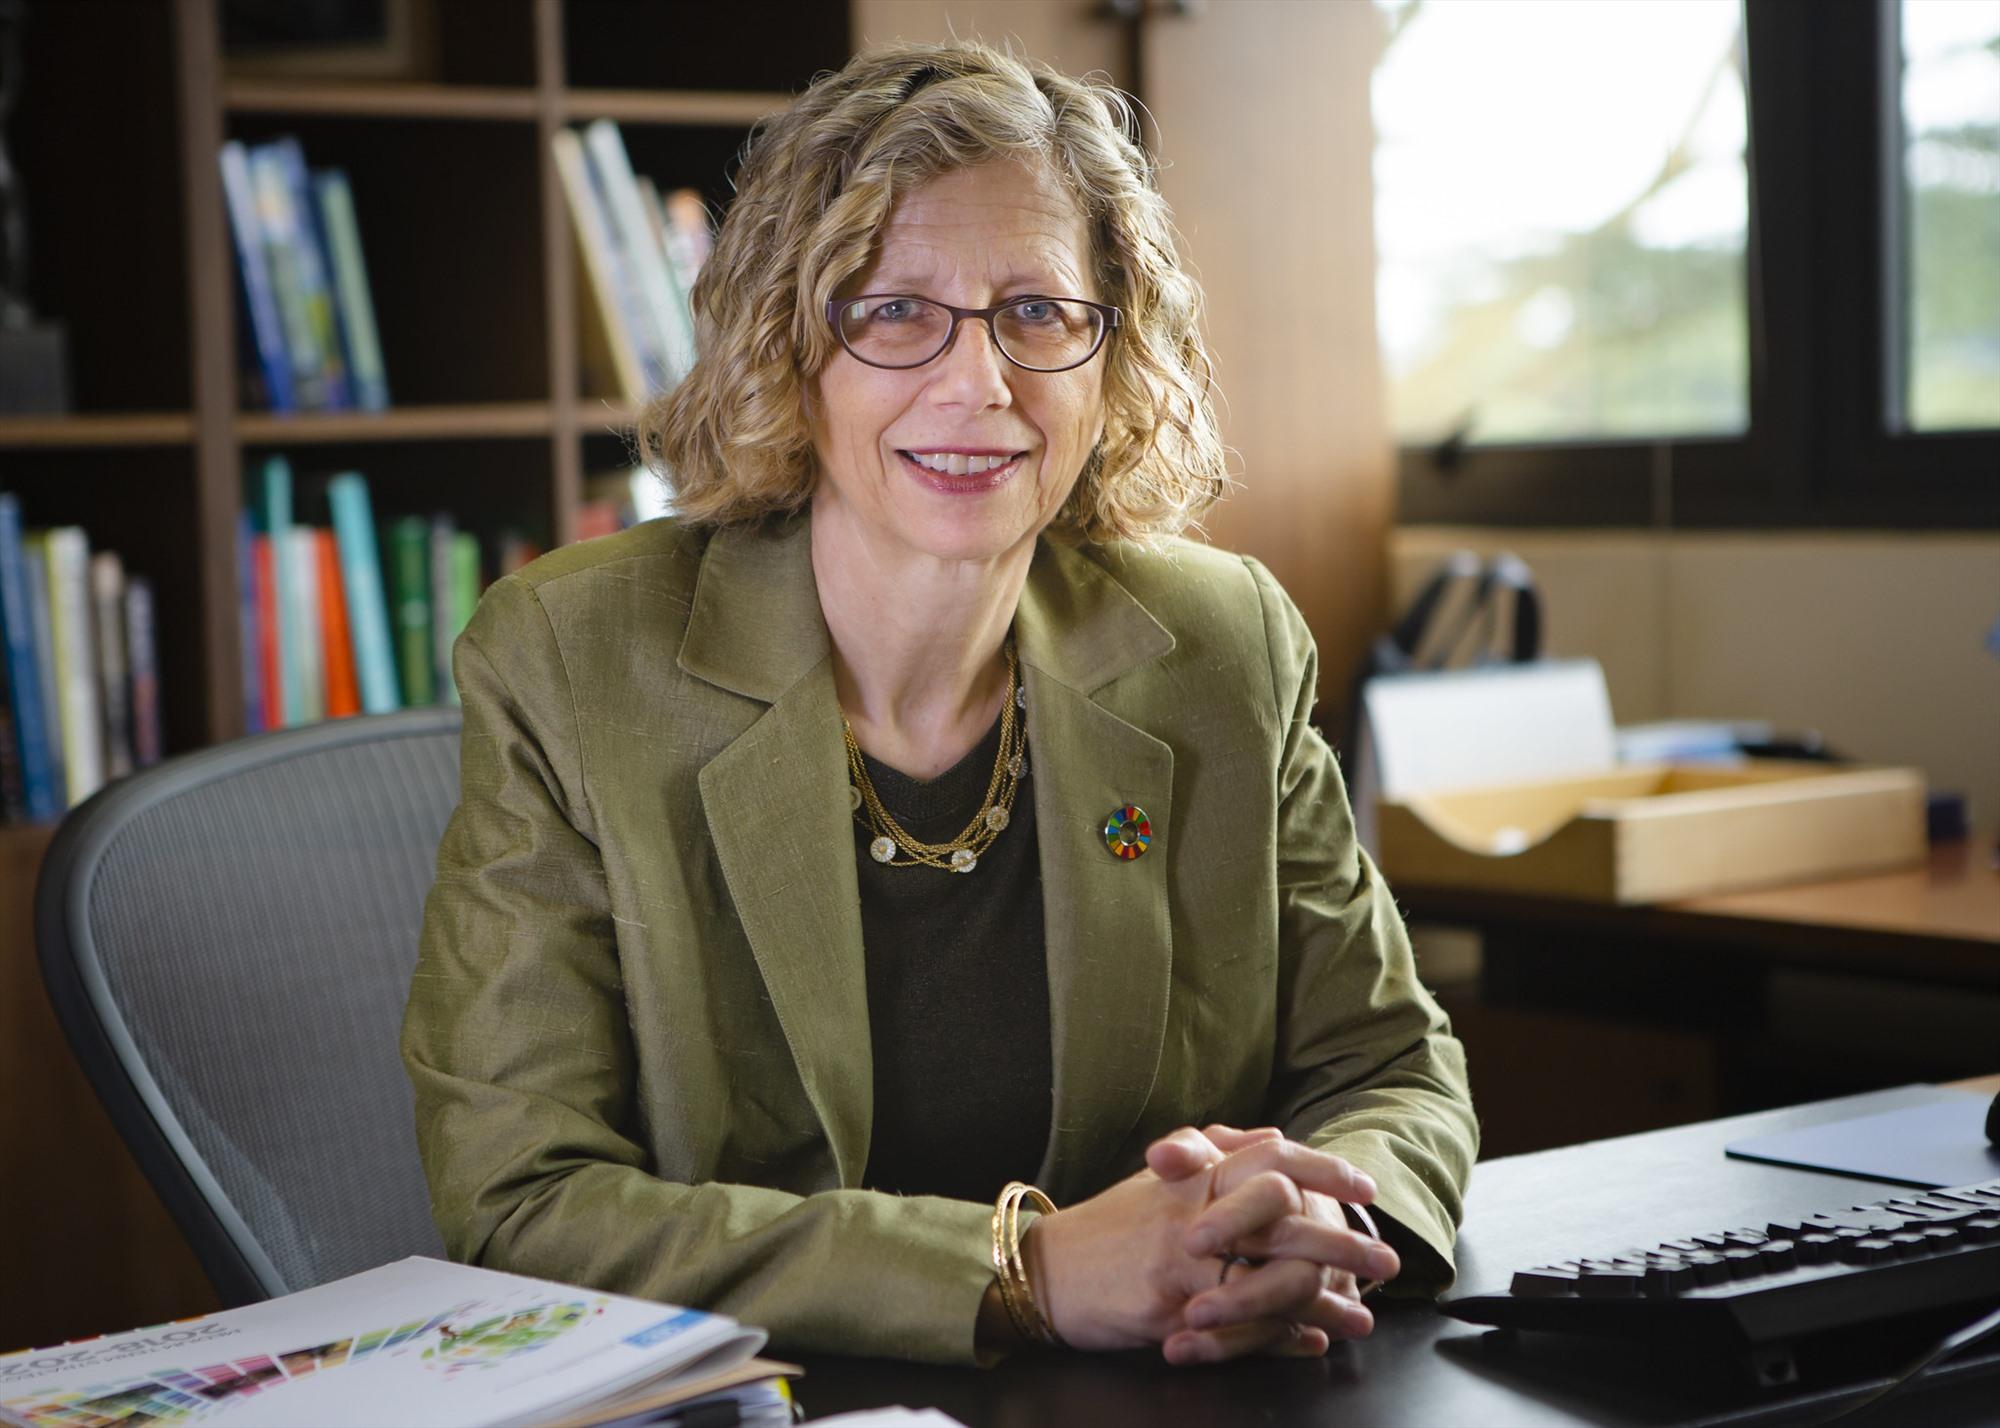 Giám đốc Chương trình Môi trường Liên hiệp quốc (UNEP) Inger Andersen.